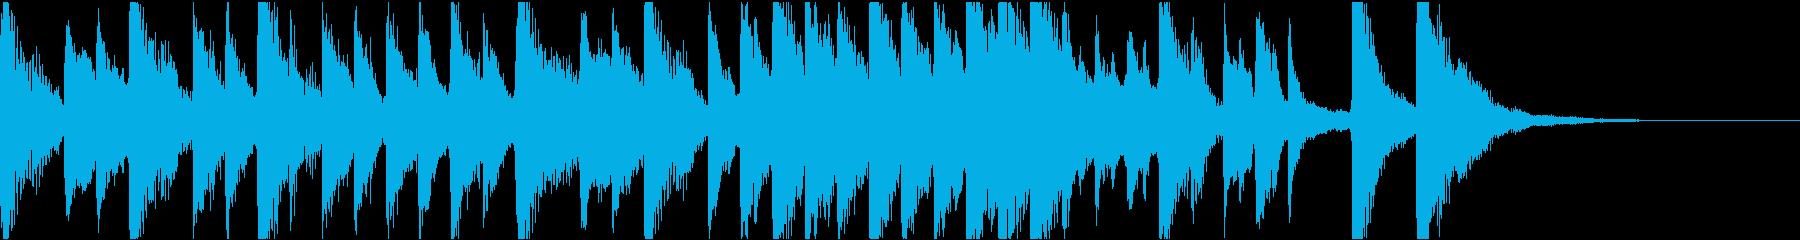 クラシック調のコミカル/ジングルの再生済みの波形